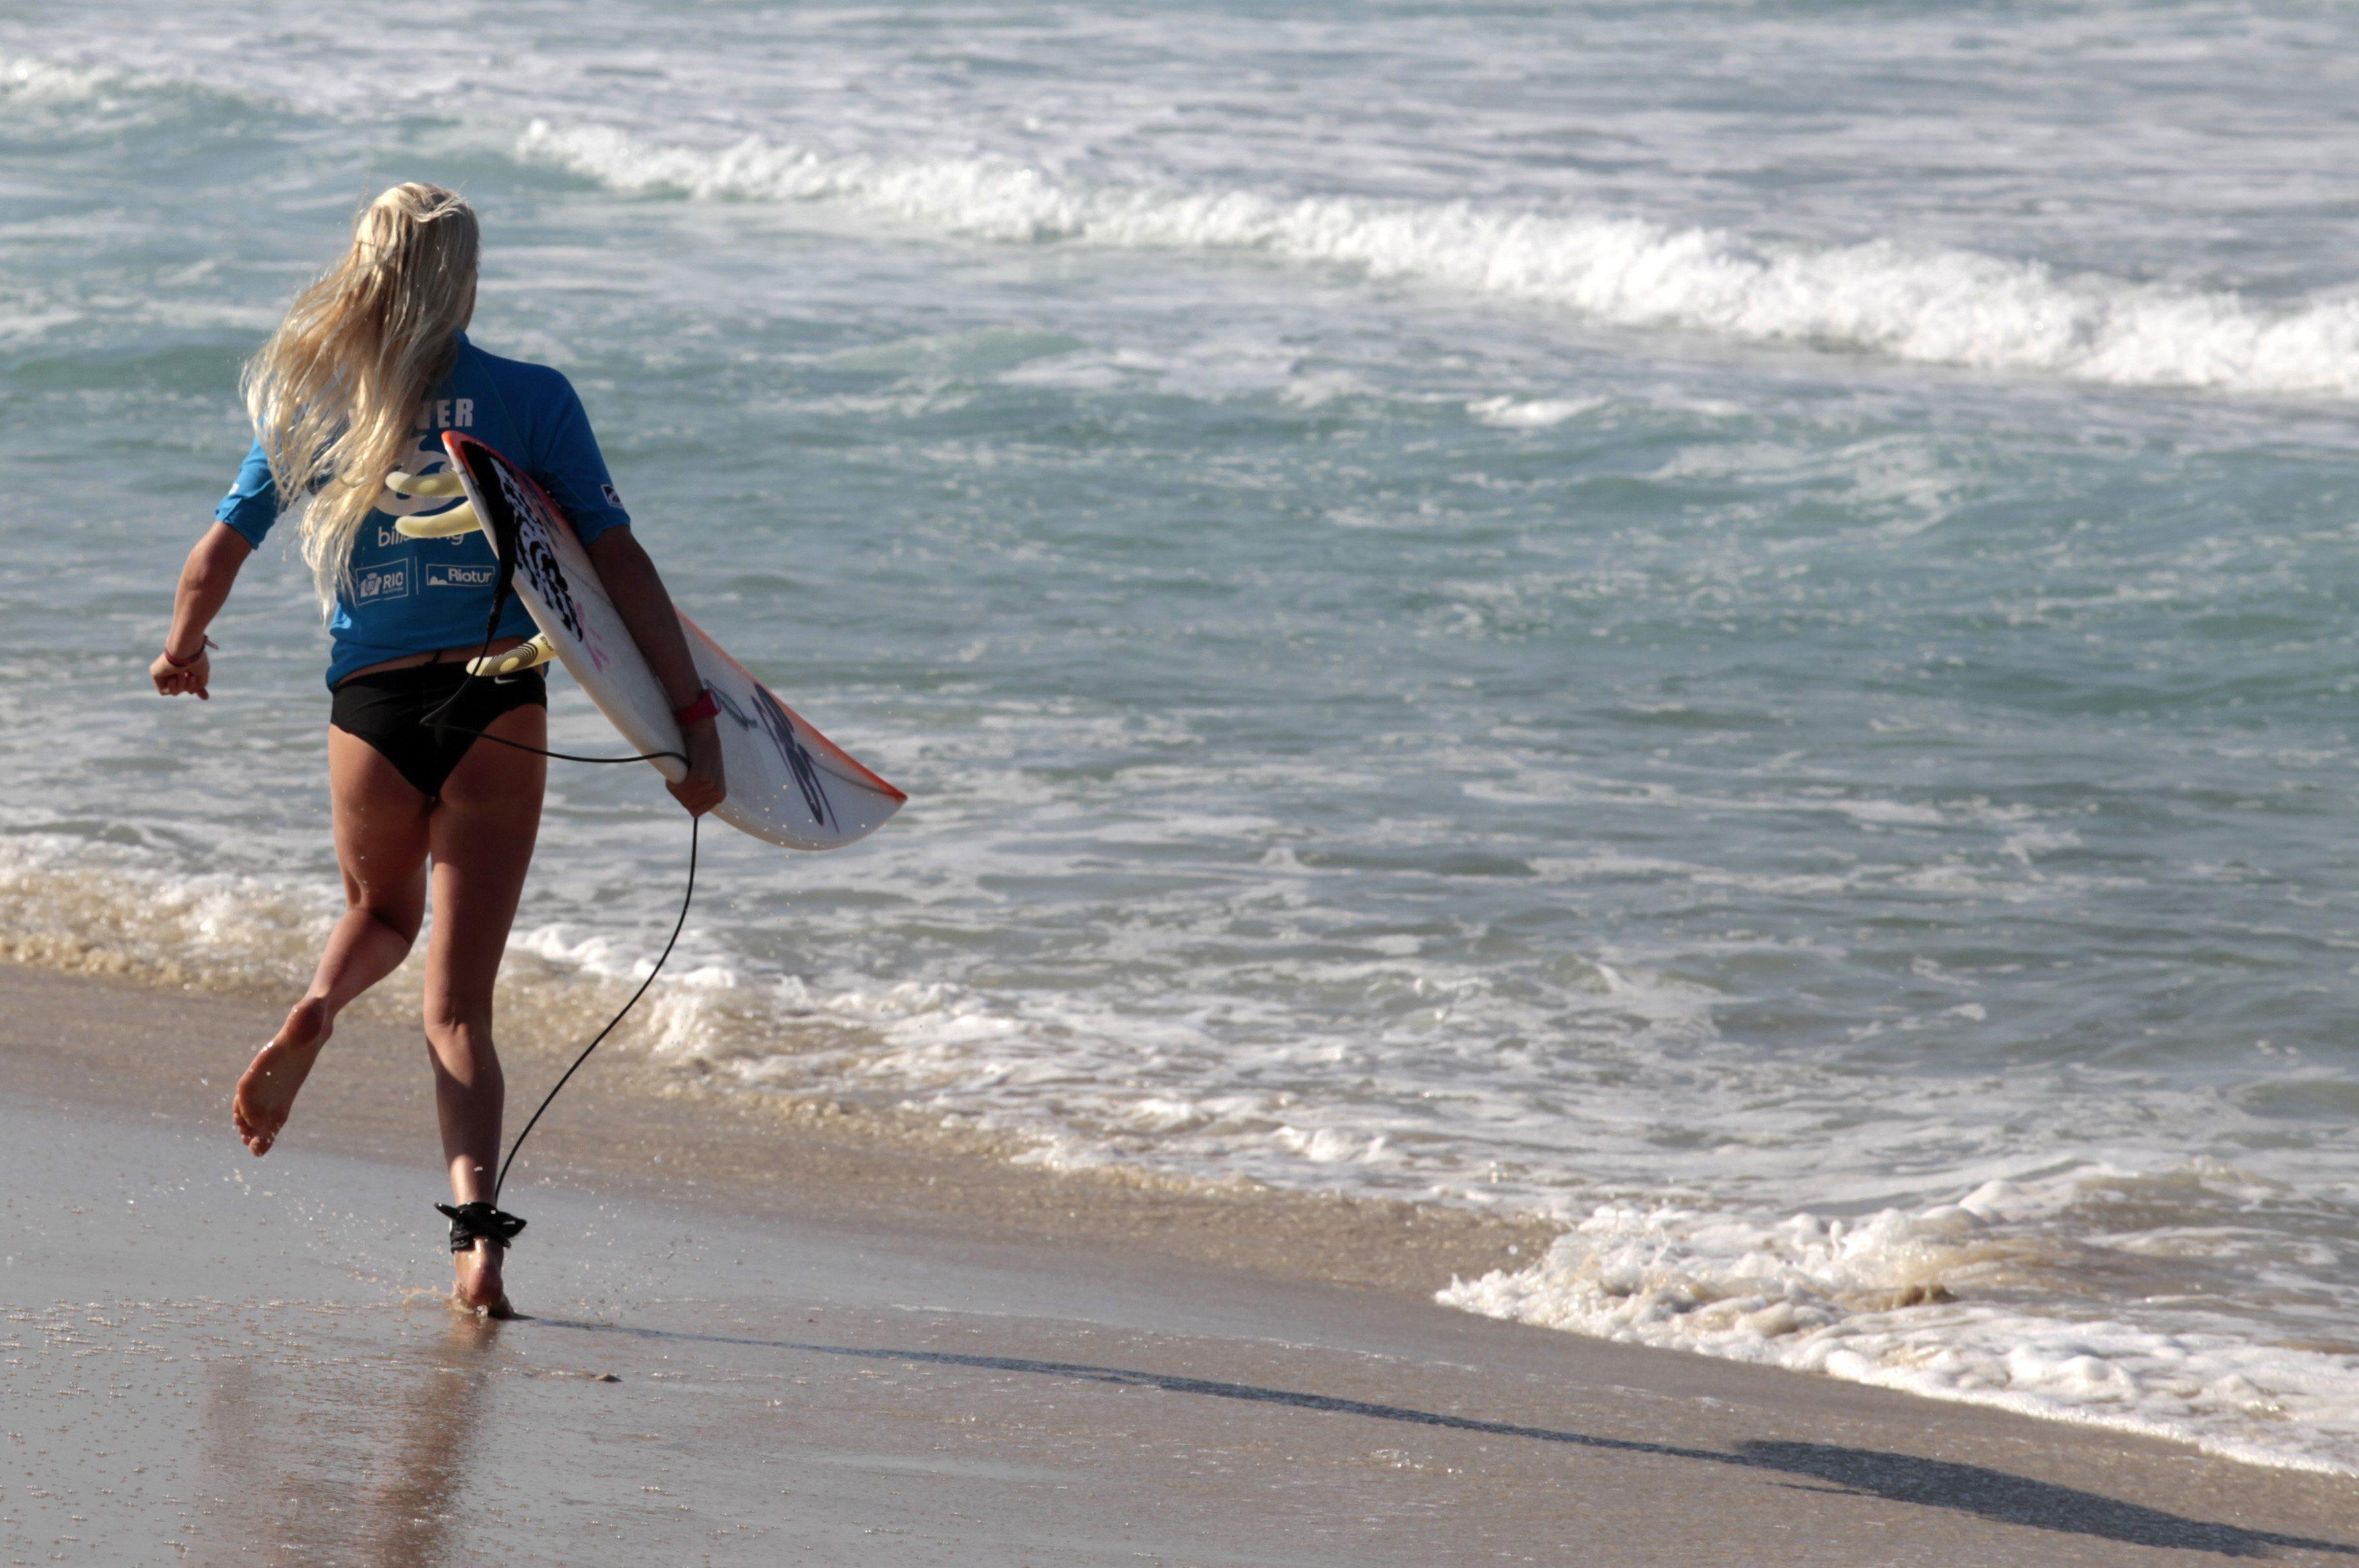 Circuito Mundial De Surf : Circuito mundial de surf en río de janeiro abc abc.es